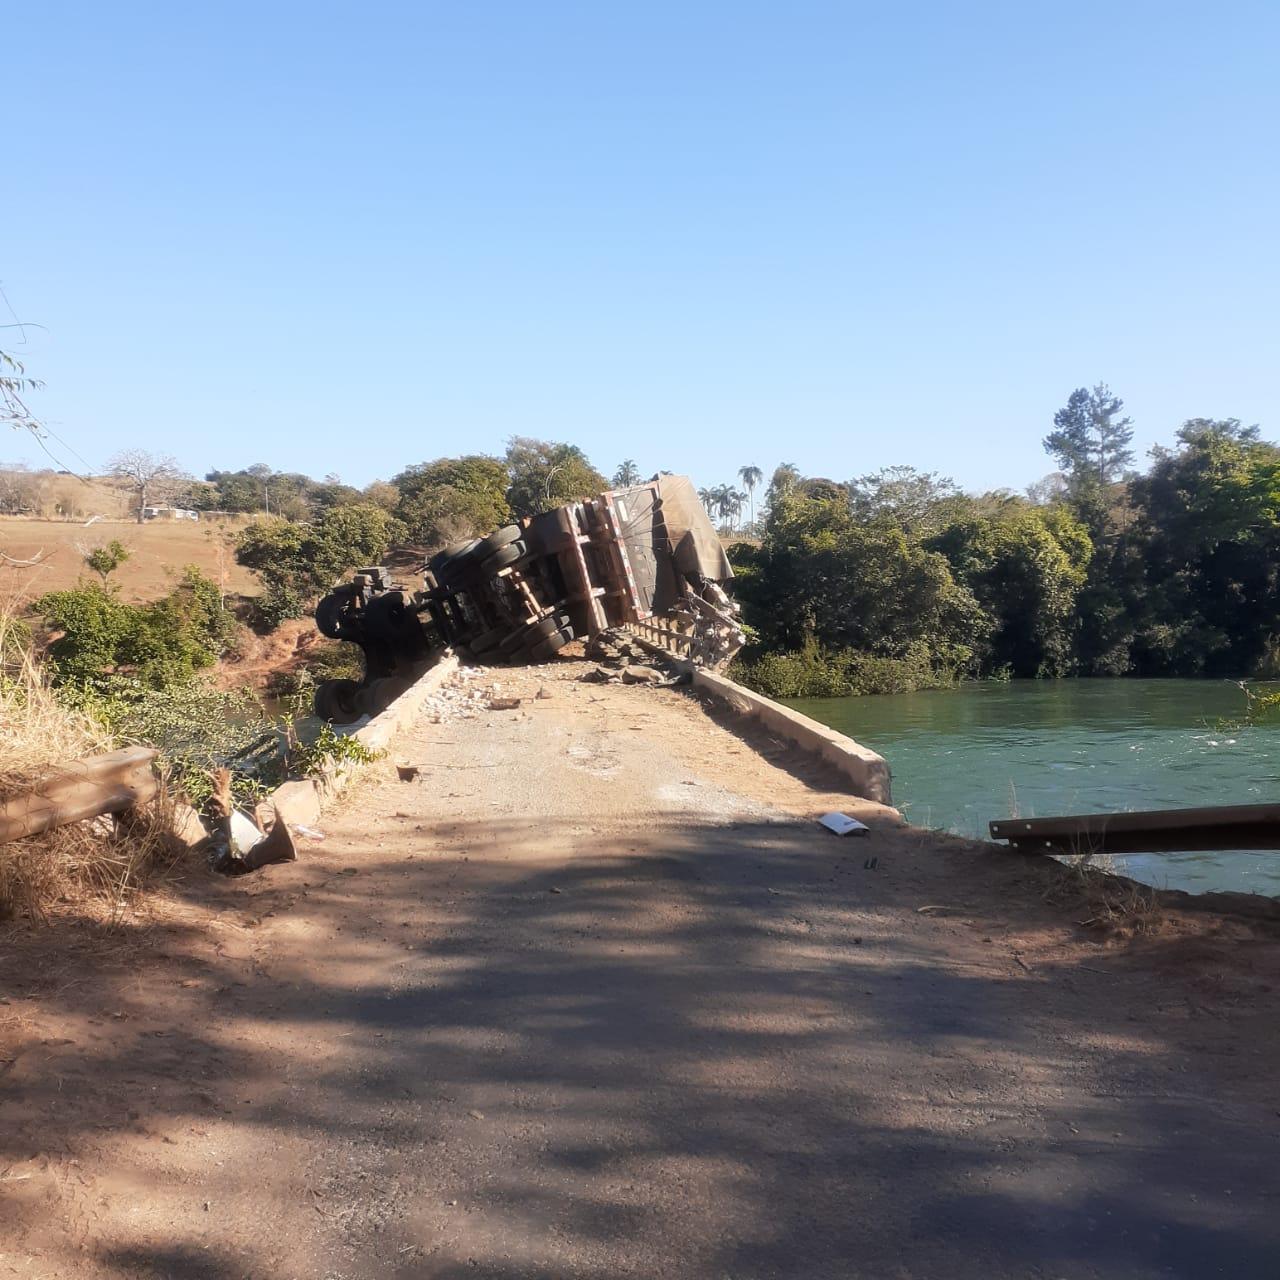 Carreta pendurada no meio da na ponte do Rio São Marcos, na GO-210, entre os municípios de Catalão e Davinópolis (Foto: Leonardo Machado)